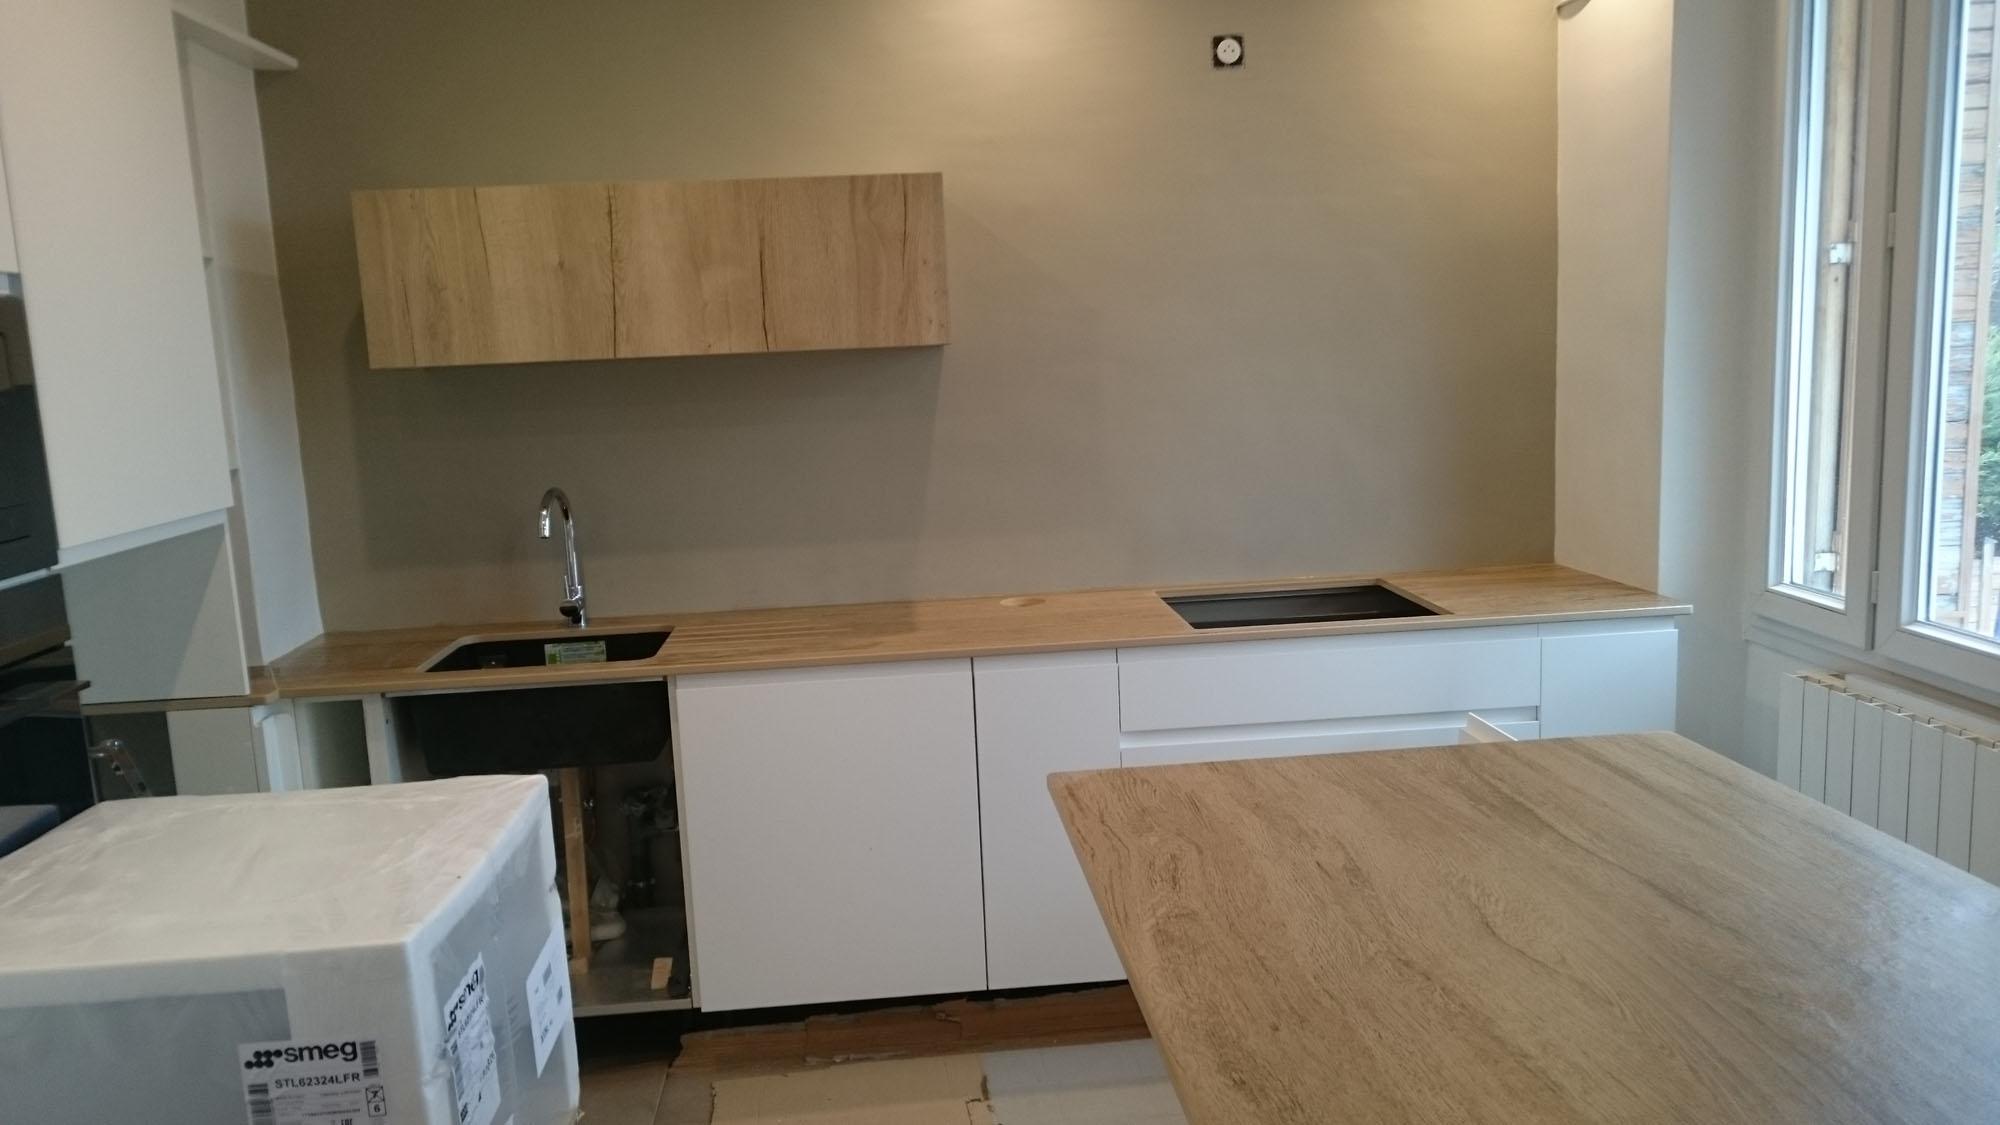 plan de travail en dekton plan de travail cuisine n mes vauvert. Black Bedroom Furniture Sets. Home Design Ideas